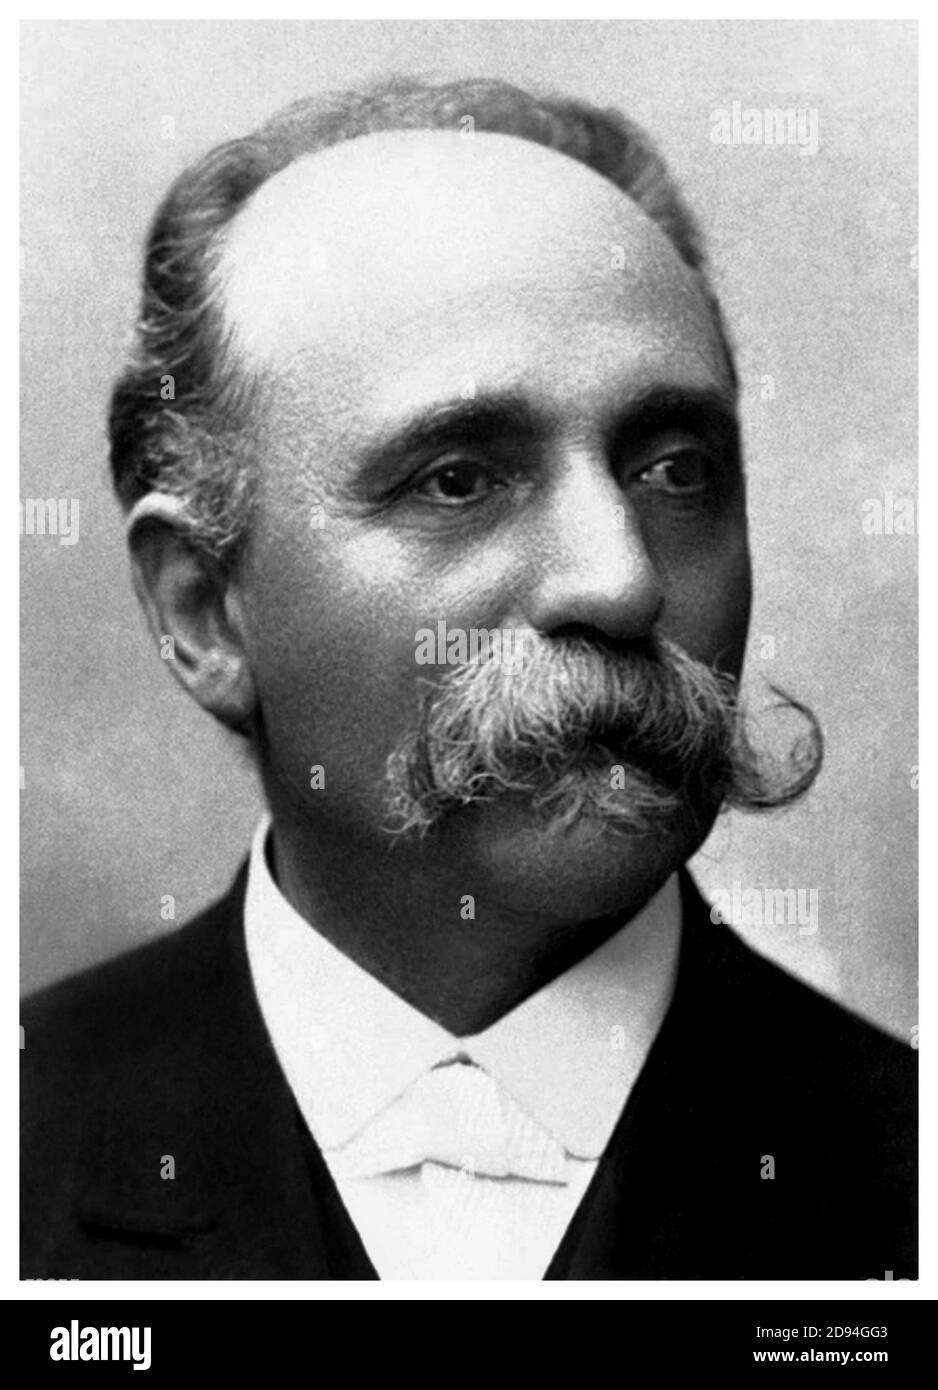 1906 c., ITALIA: Il medico e scienziato italiano CAMILLO GOLGI ( 1843 - 1926 ). Nel 1906 ha ricevuto il Premio Nobel per la Fisiologia o la Medicina per il suo contributo con Santiago Ramón y Cajal in riconoscimento del loro lavoro sulla struttura del sistema nervoso . - SISTEMA NERVOSO - NEURLOGO - NEUROLOGIA - NEUROLOGO - NEUROLOGIA - medico - STORIA - foto storiche - foto storica - PREMIO NOBEL PER LA CHIMICA e la scienza - CHIMICA - MEDICO - DOTTORE - SCIENZIATO - ritratto - ritratto - CHIMICO - SCIENZIATO - SCIENZA - SCIENZE - SCIENZA - baffi - baffi --- Archivio GBB Foto Stock